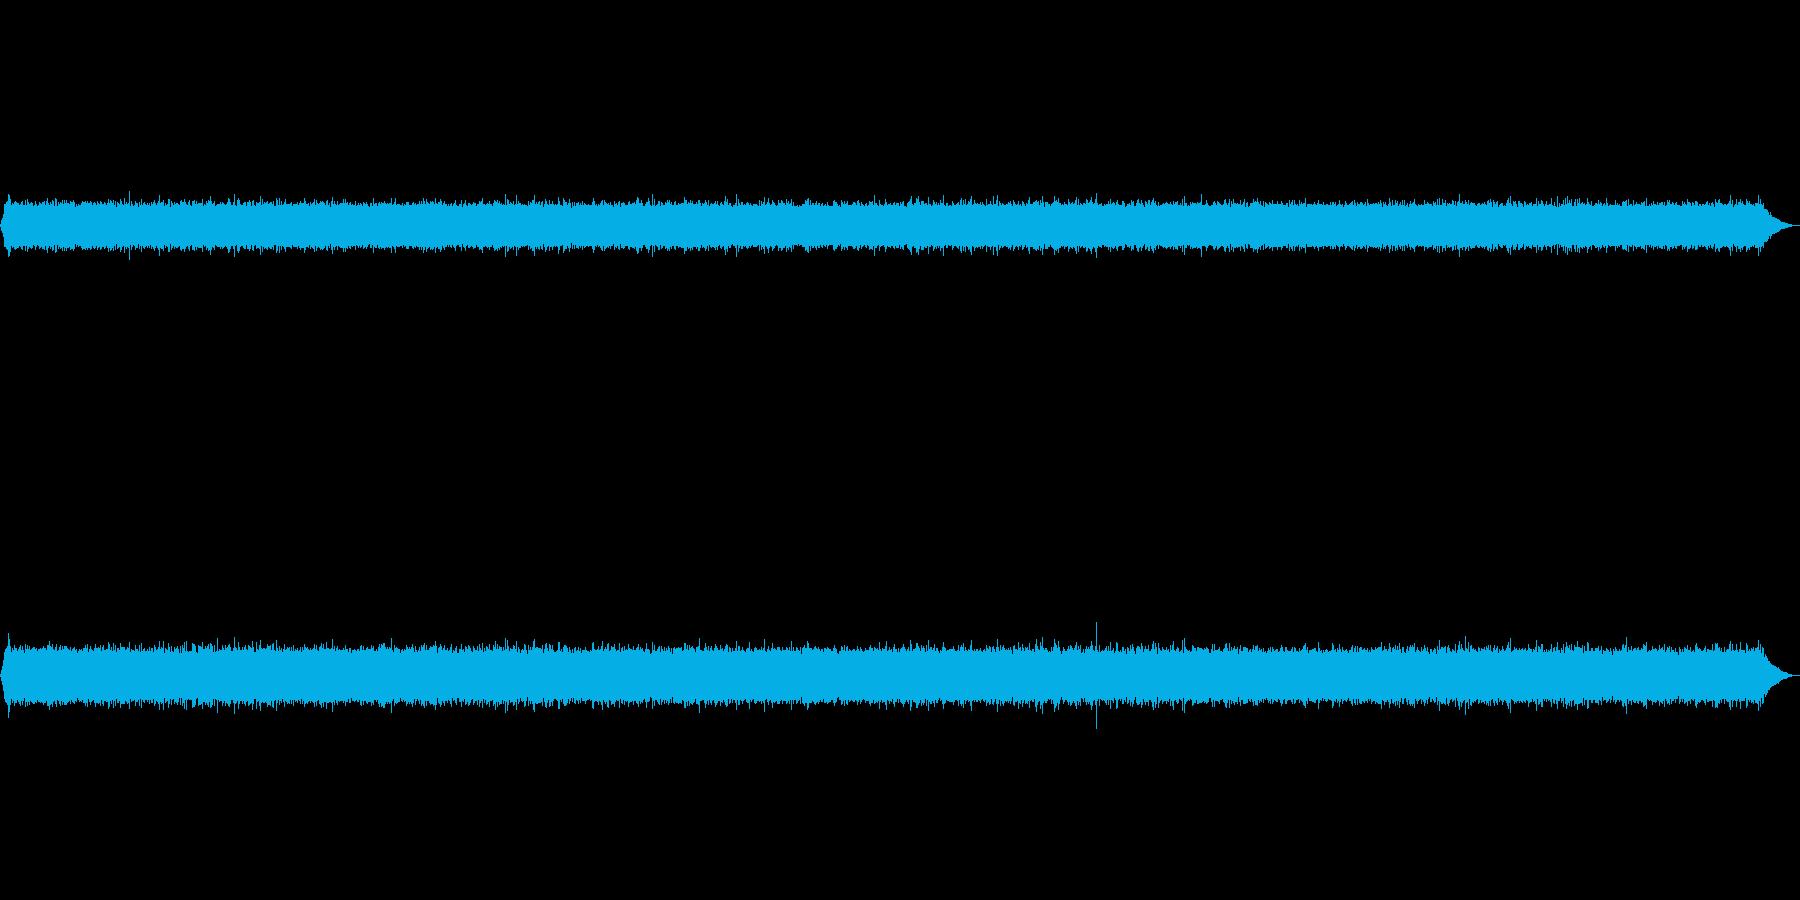 ちょっと強めな流れの川の環境音の再生済みの波形